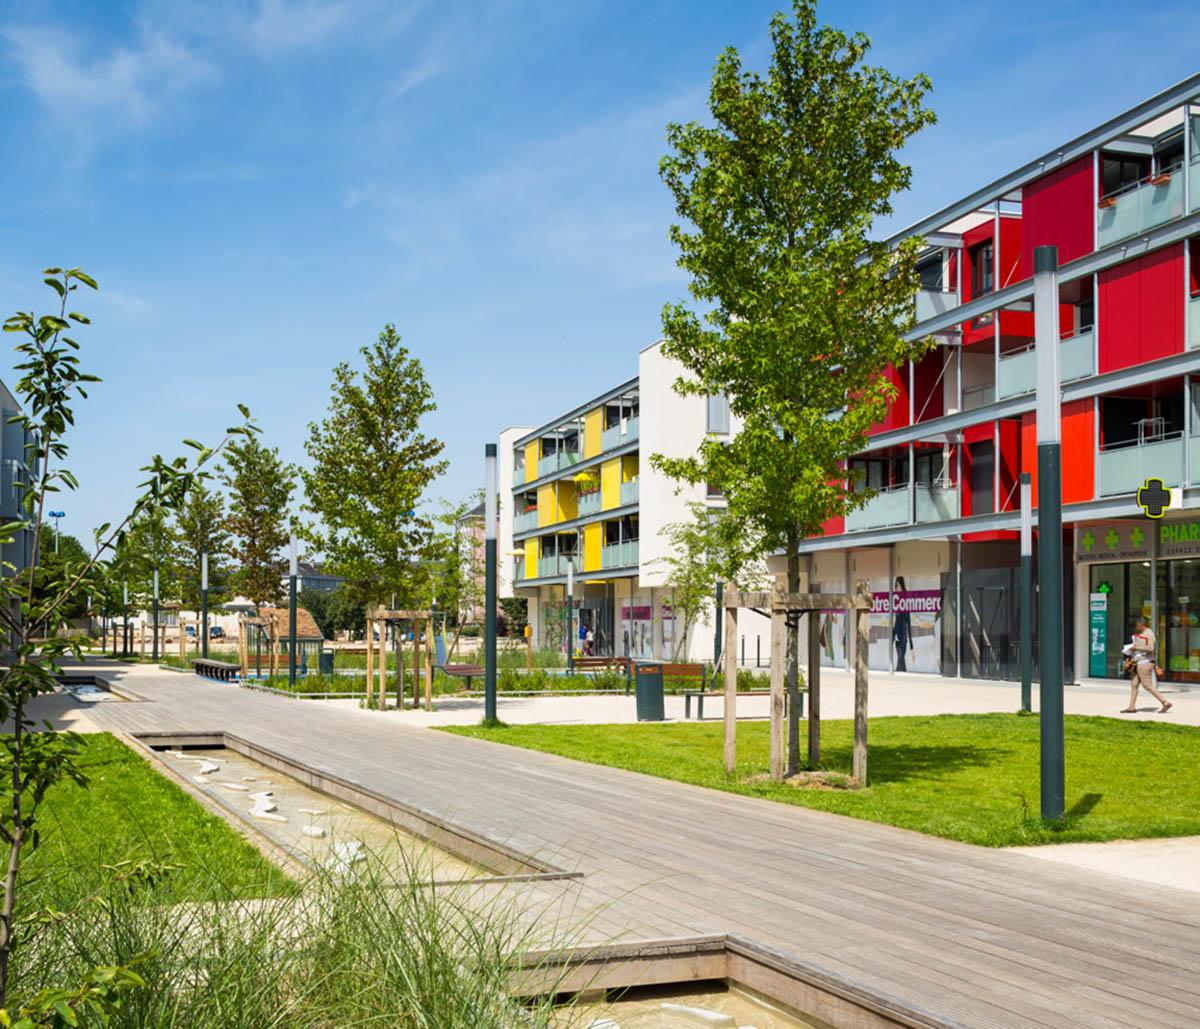 chartres 28 renouvellement urbain du quartier de beaulieu arc ame. Black Bedroom Furniture Sets. Home Design Ideas